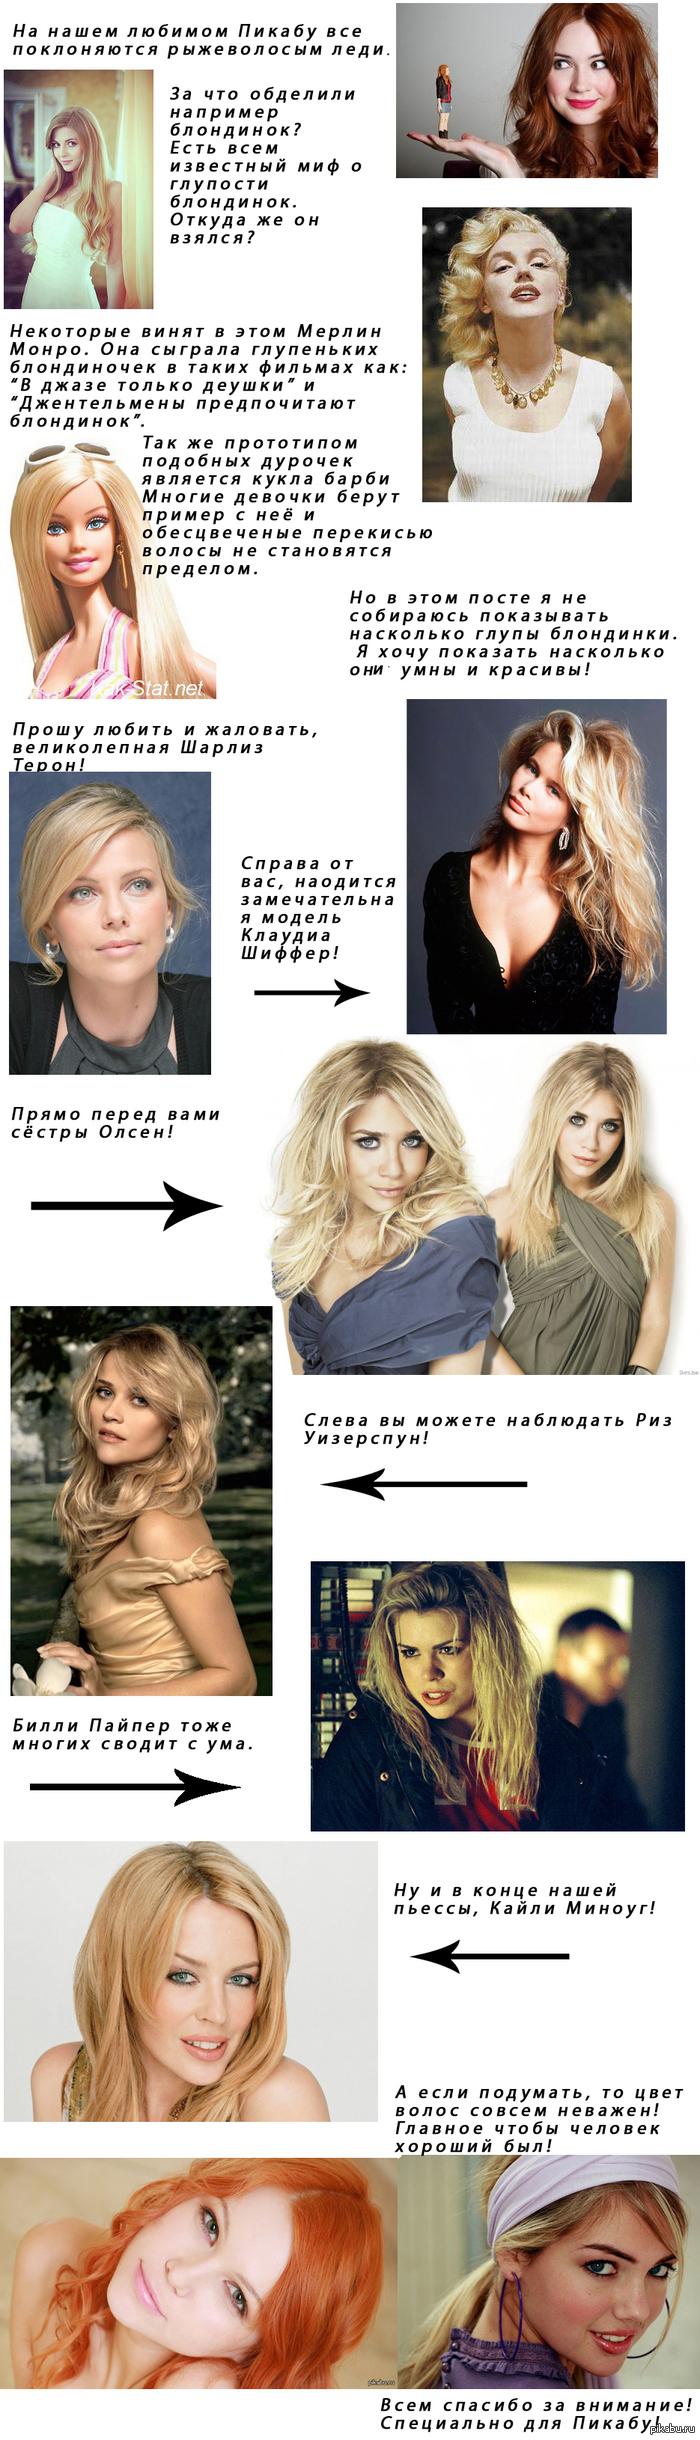 Блондинки vs Рыжие. :) Не очень содержательный, расслабляющий пост, дабы посмотреть на женскую красоту в другом Цвете!